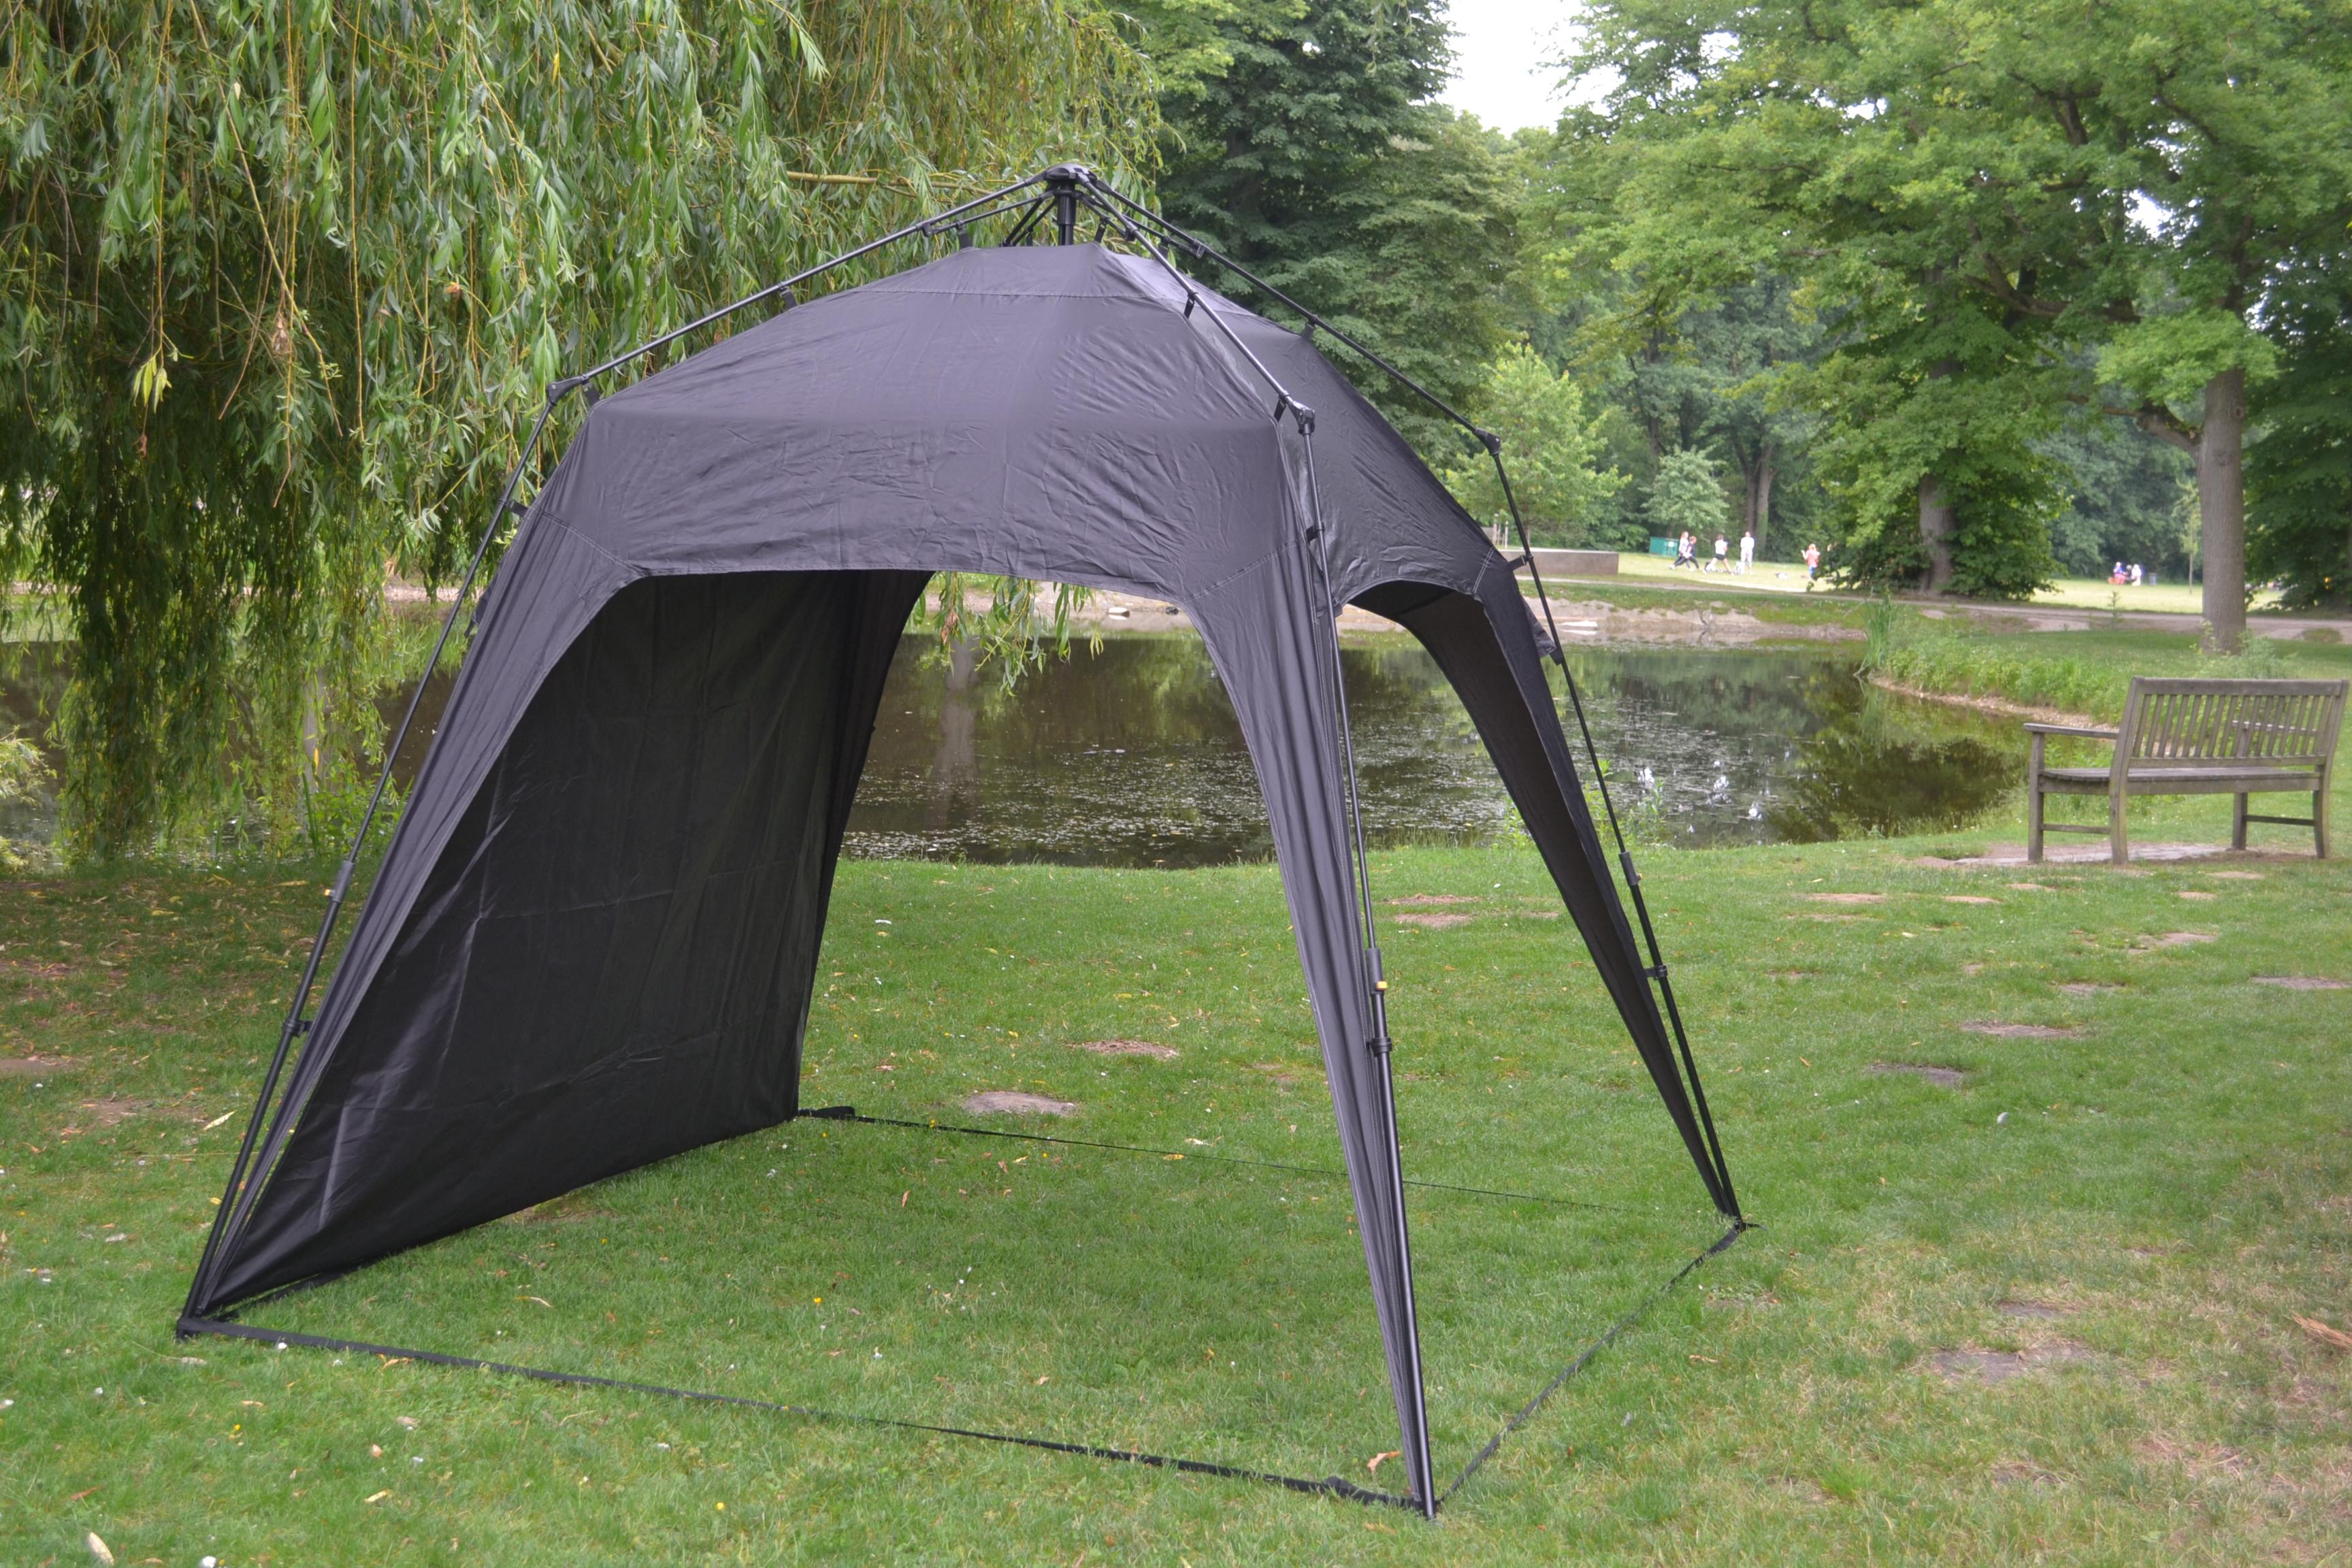 Campingzelt Outdoor Faltbar Pavillon Gartenzelt + 1 Seitenteile Tasche&Herrringe Schwarz DF-10134